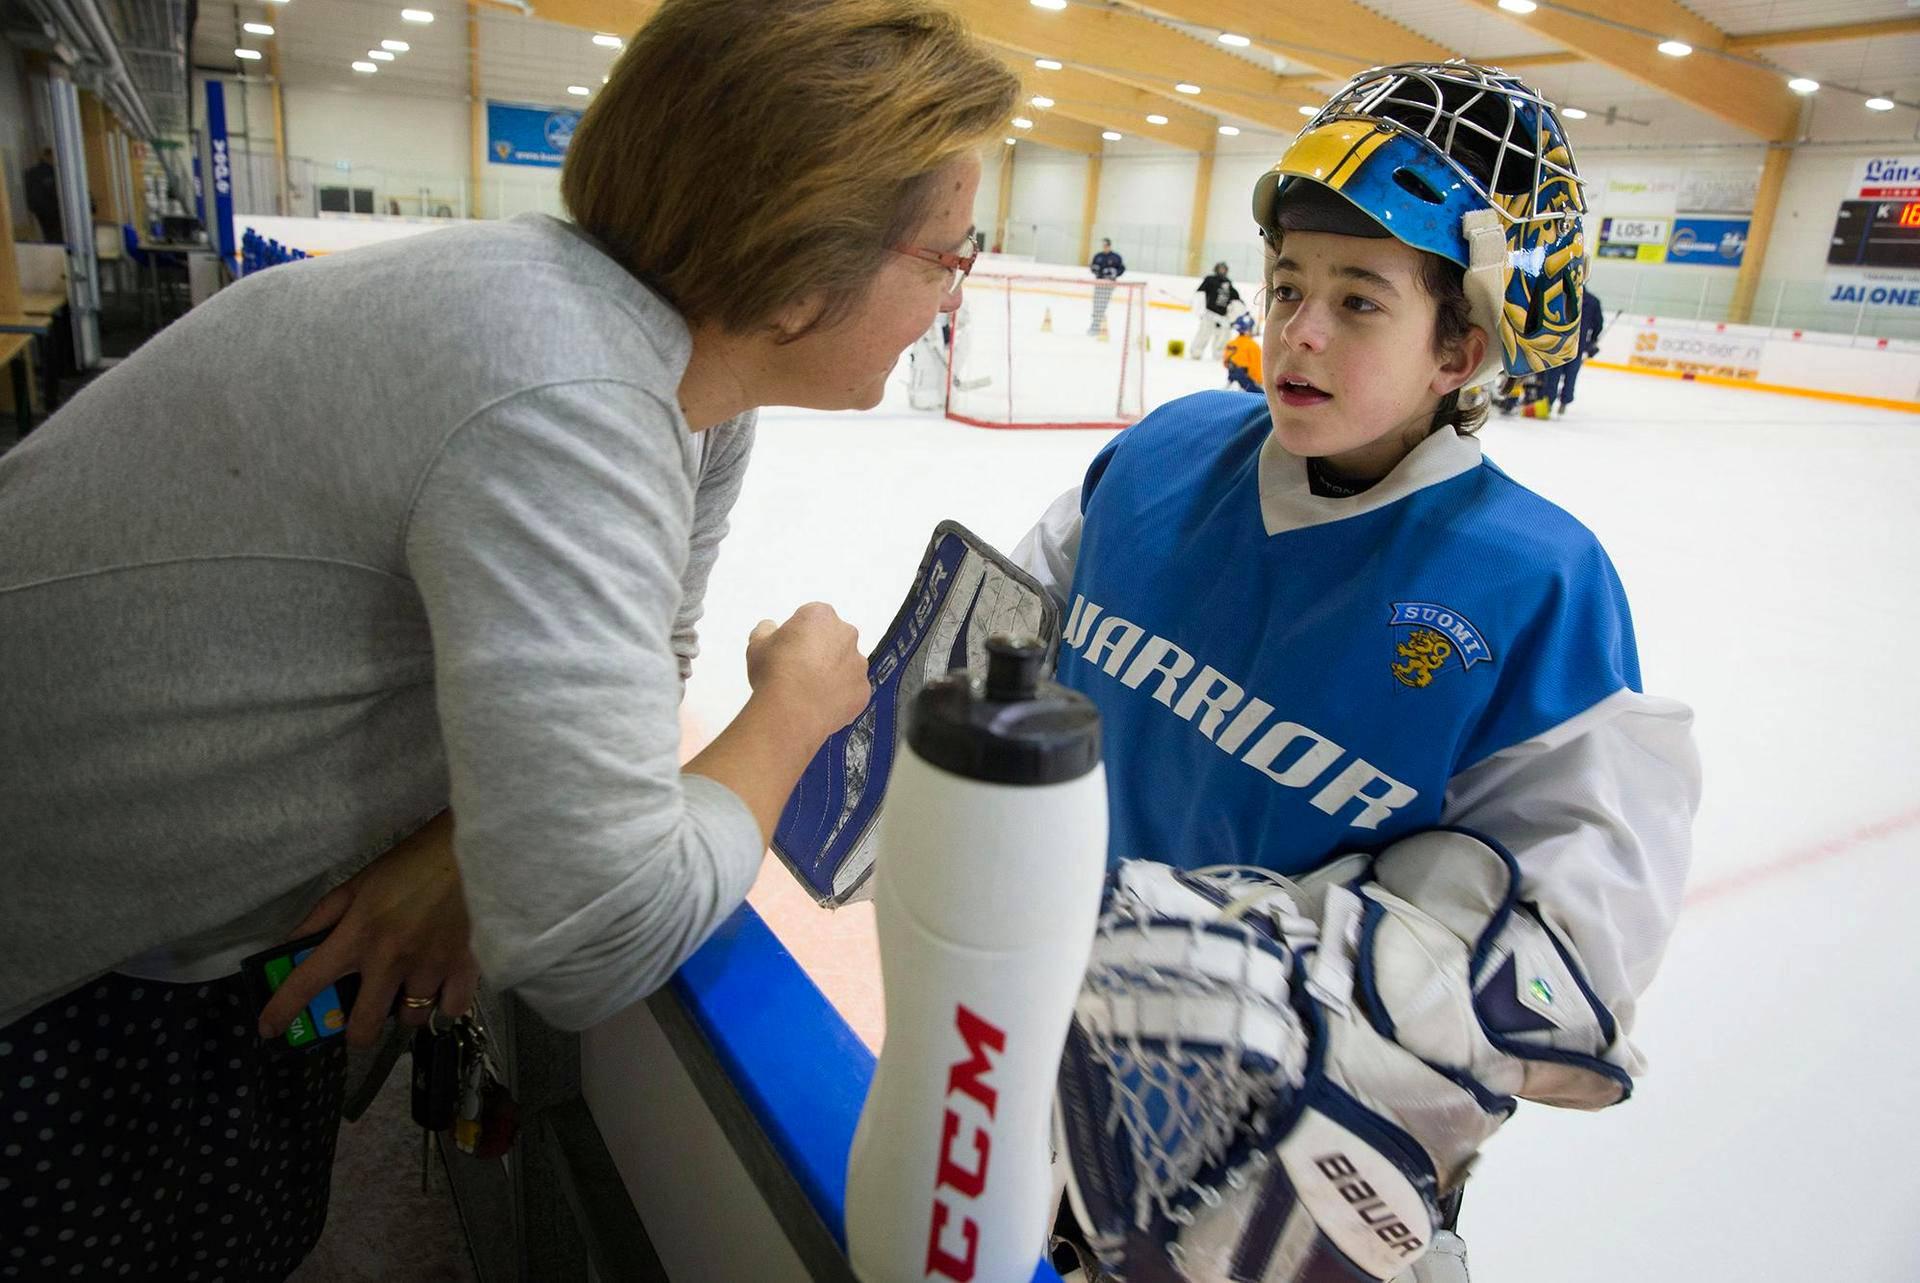 Claire Herpinin mukaan suomalainen koulu ja Rauman Lukko ovat tehneet hänen perheestään suomalaisen. Matthieu eli Matti on joukkueensa maalivahti.